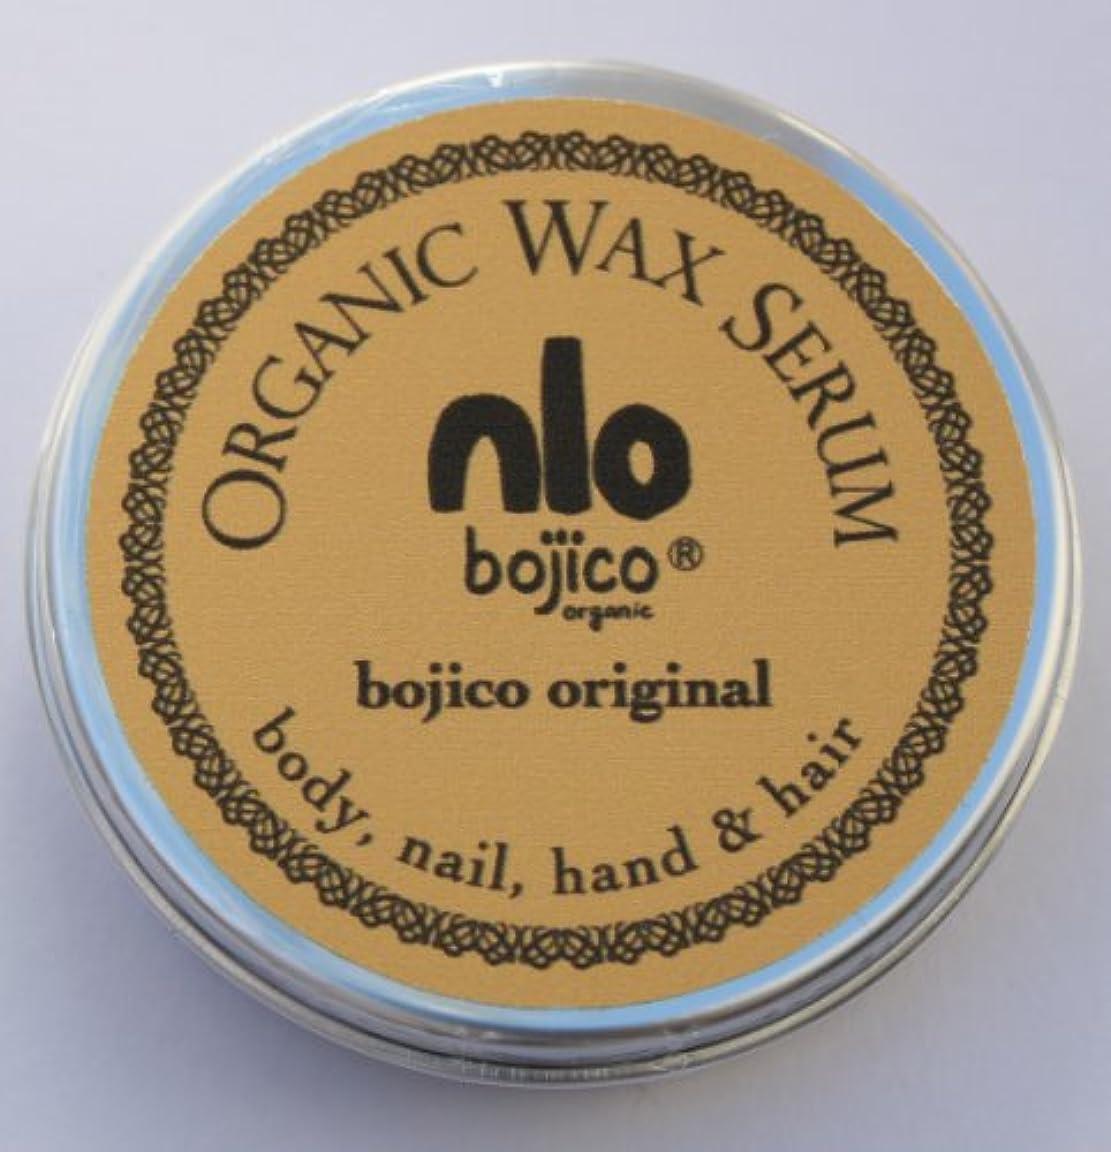 申し立てられた放置永久にbojico オーガニック ワックス セラム<オリジナル> Organic Wax Serum 18g